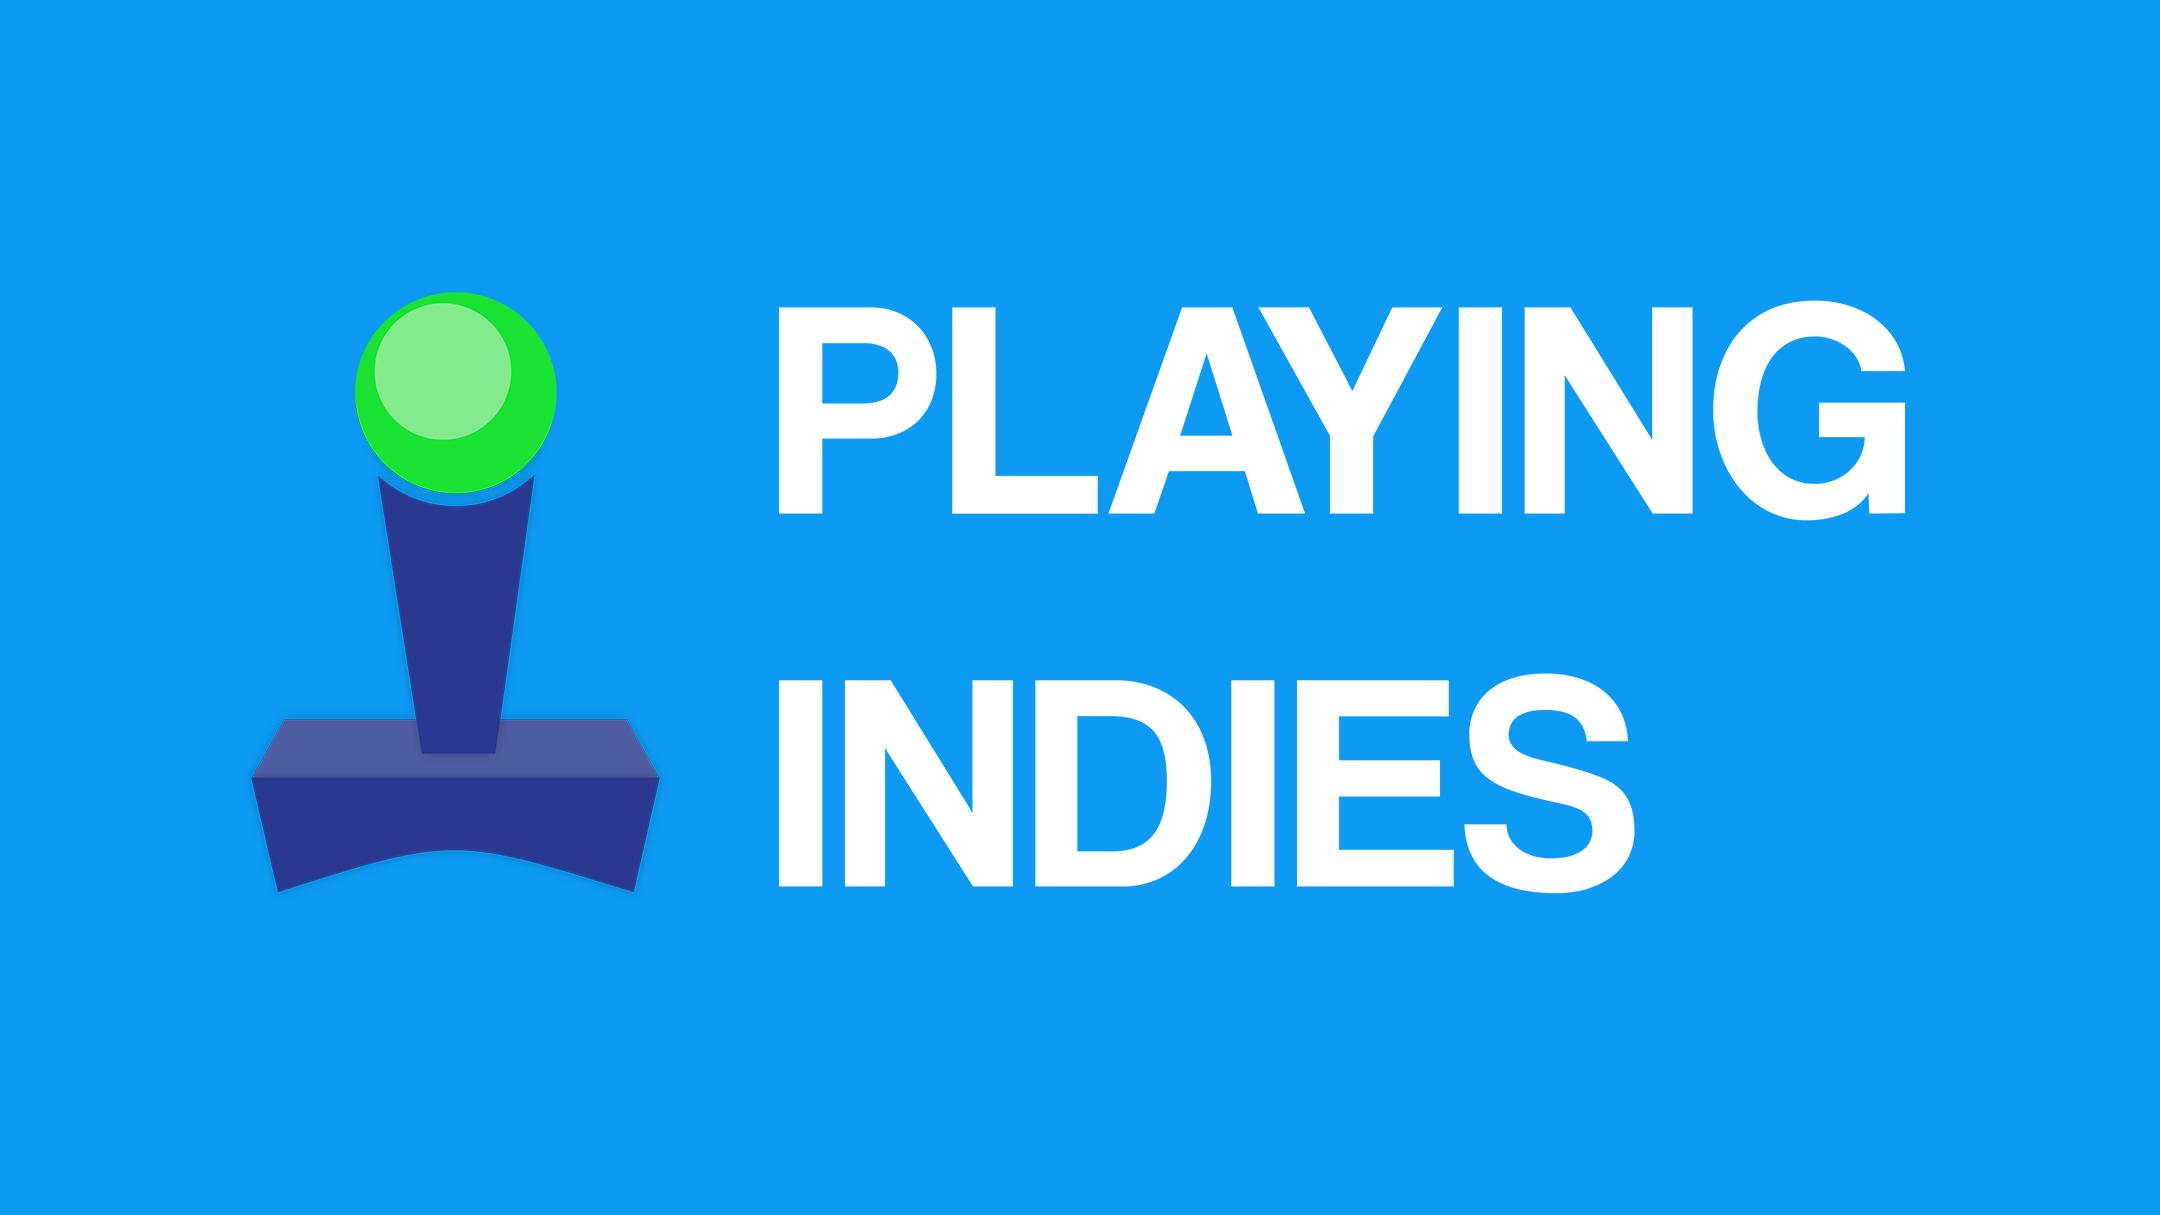 playingindies branding   graphic design